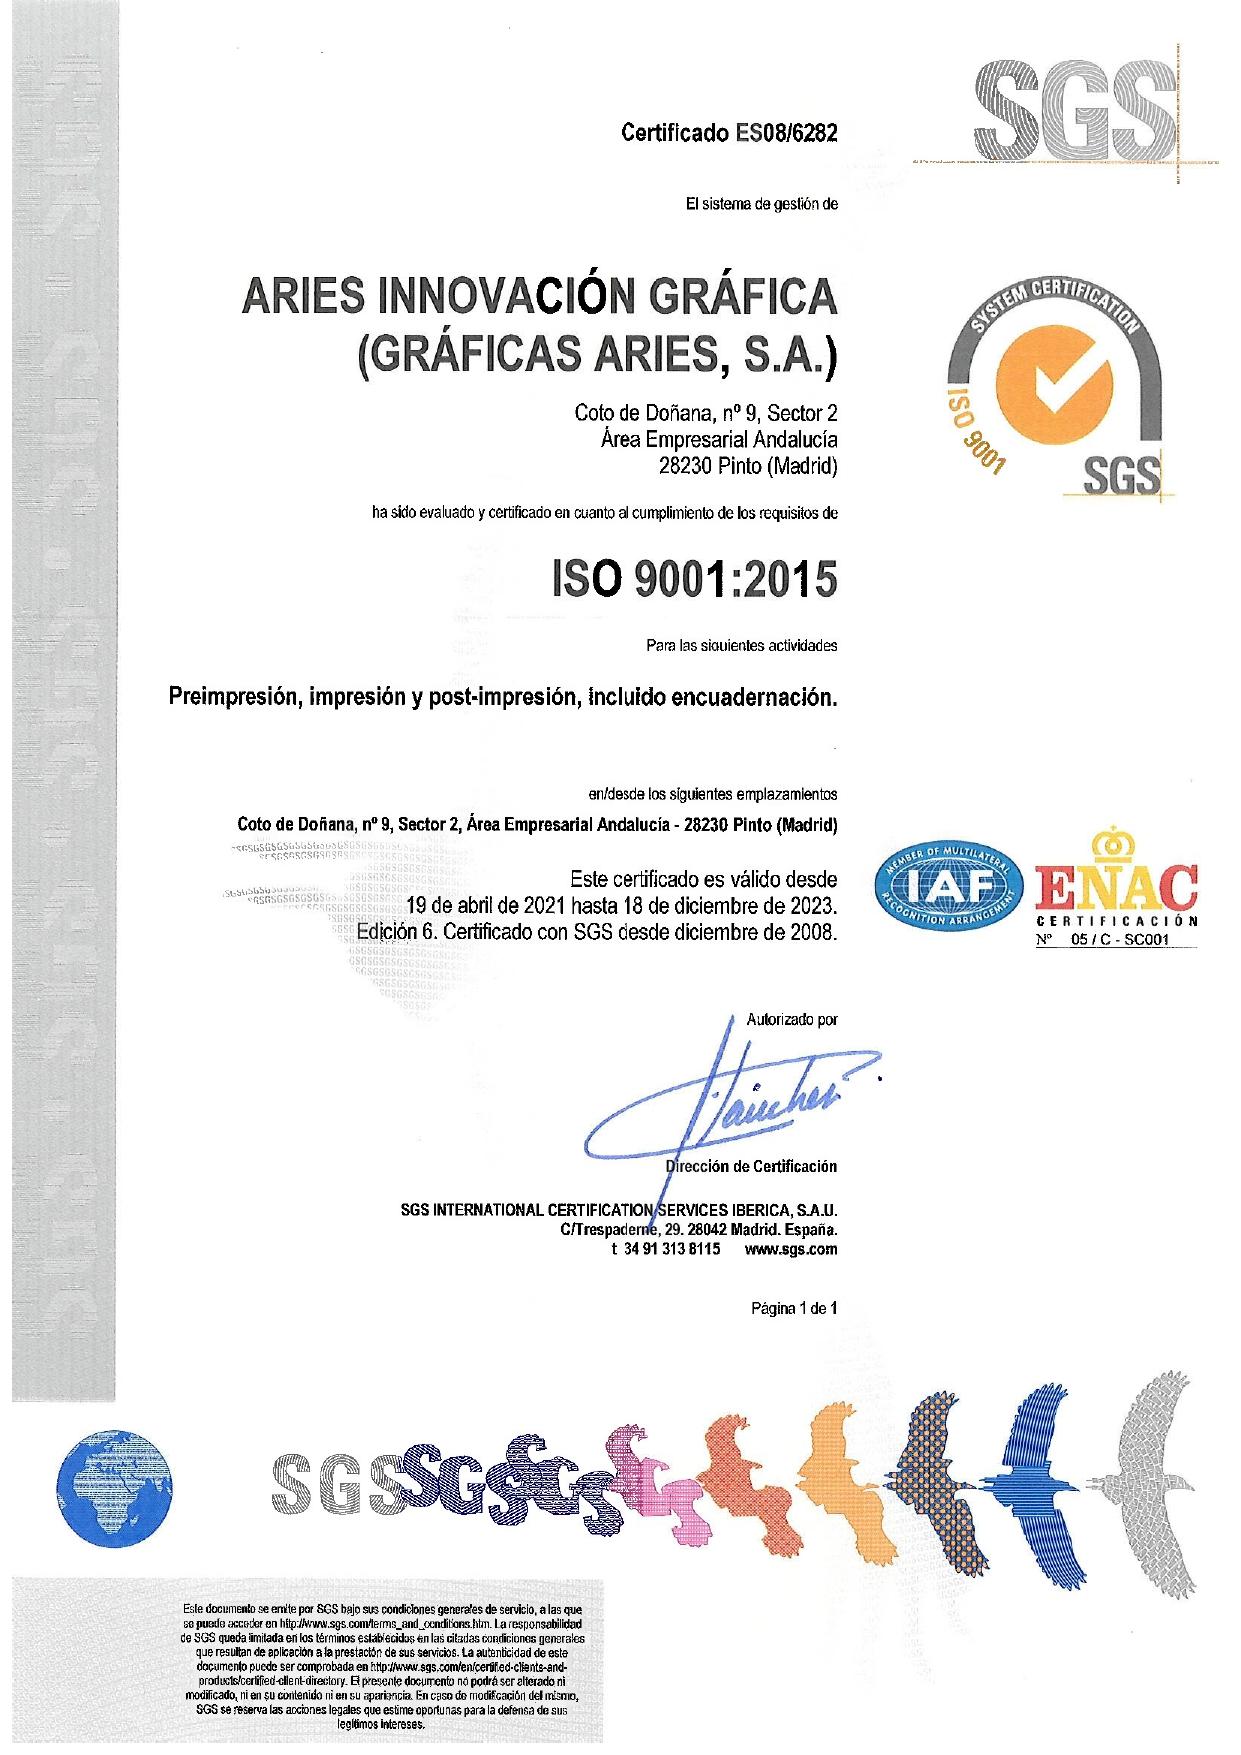 ARIES Certificado ISO 9001 validez hasta diciembre 2023